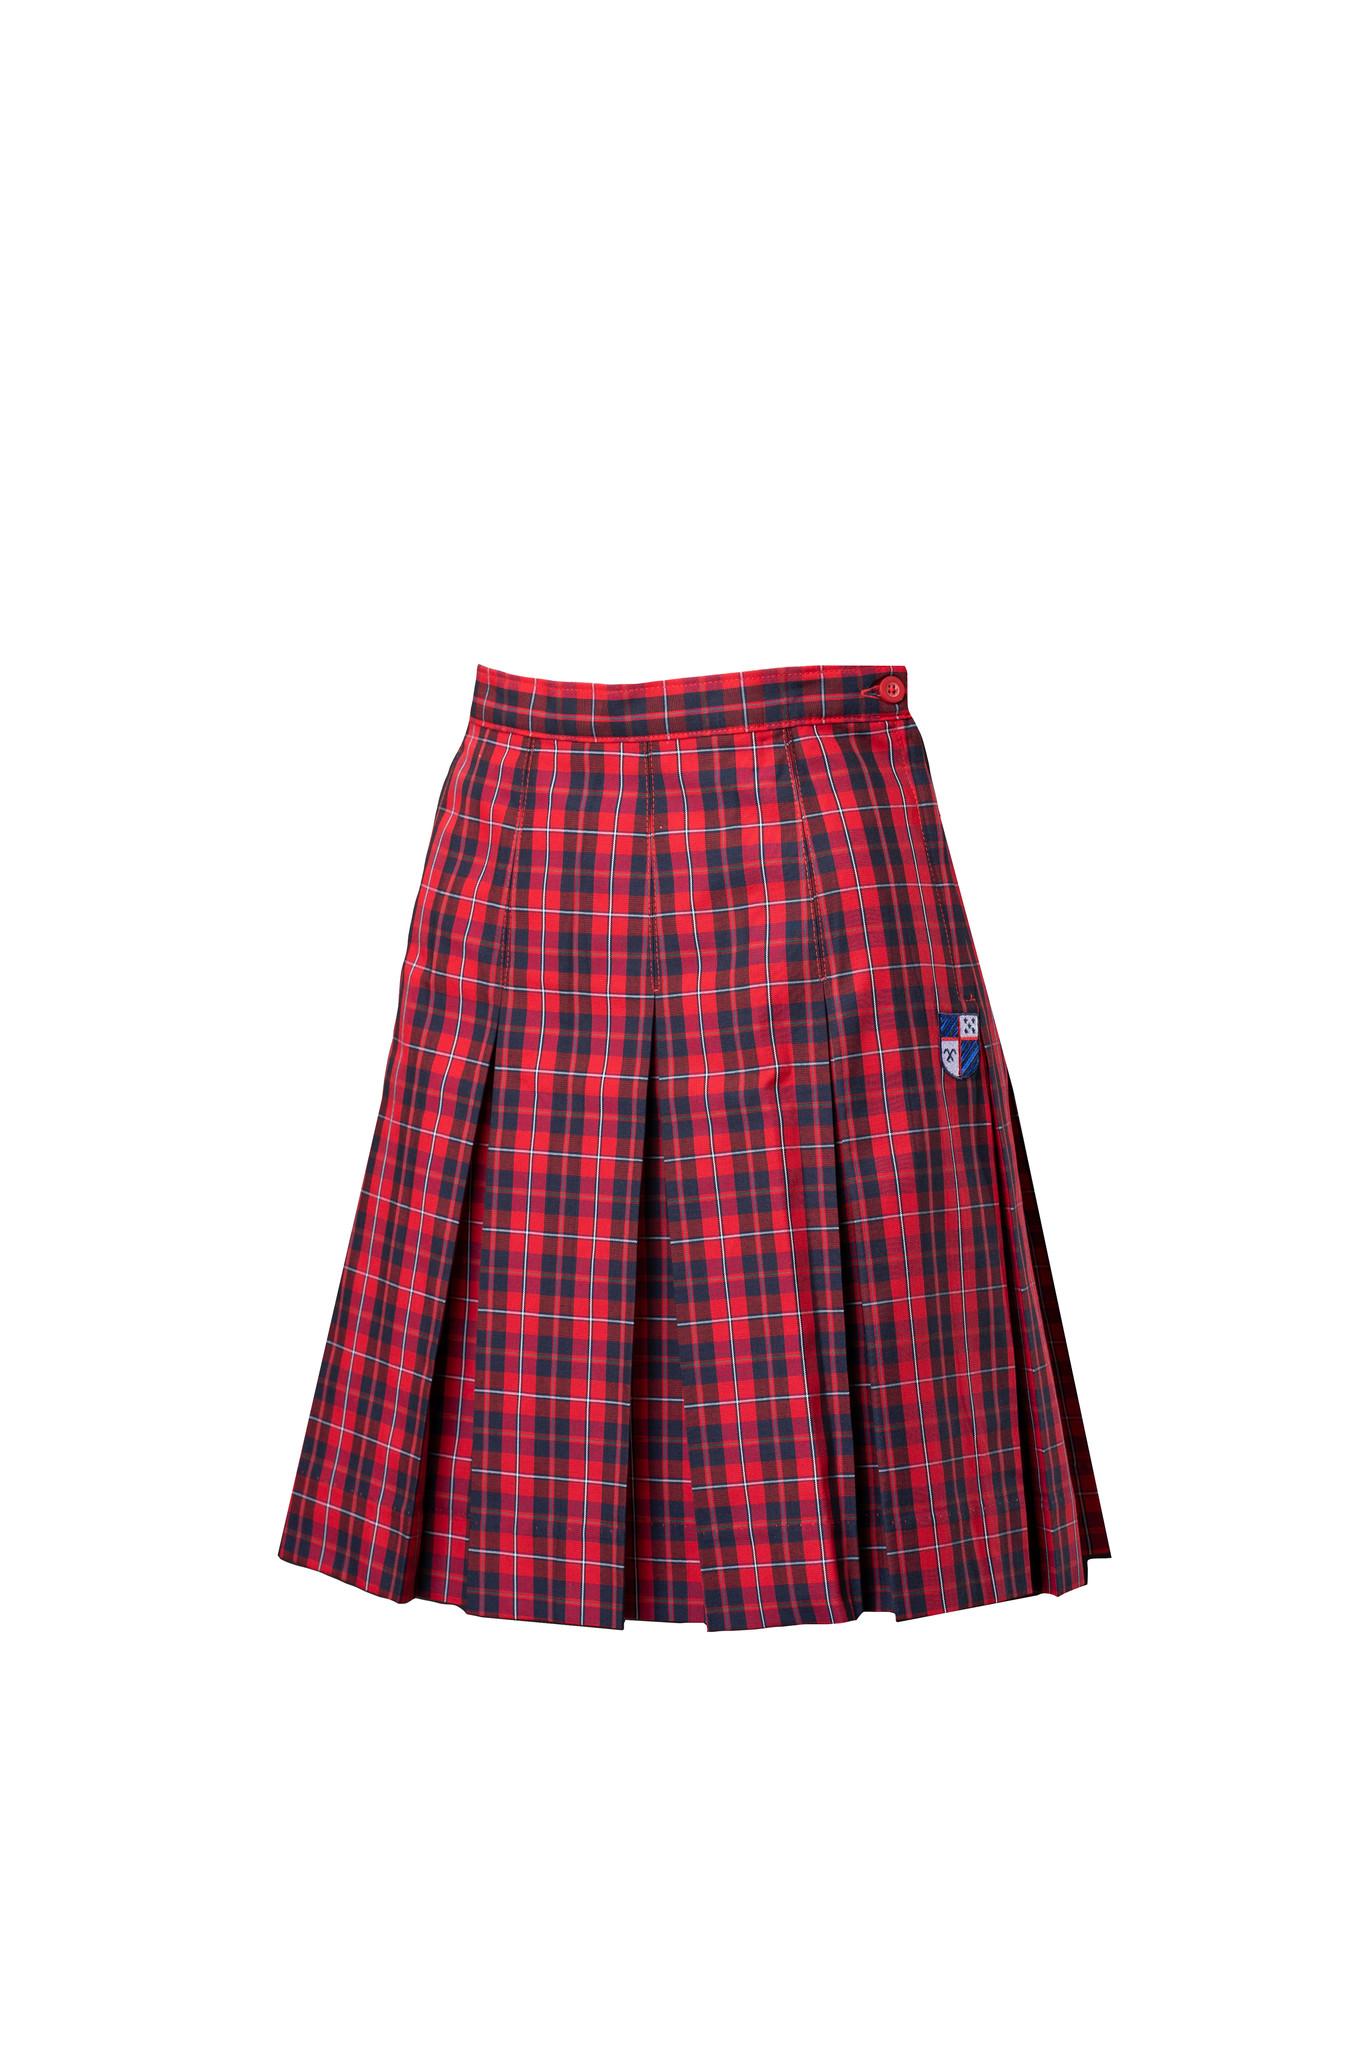 La Salle College Preparatory Plaid Skirt